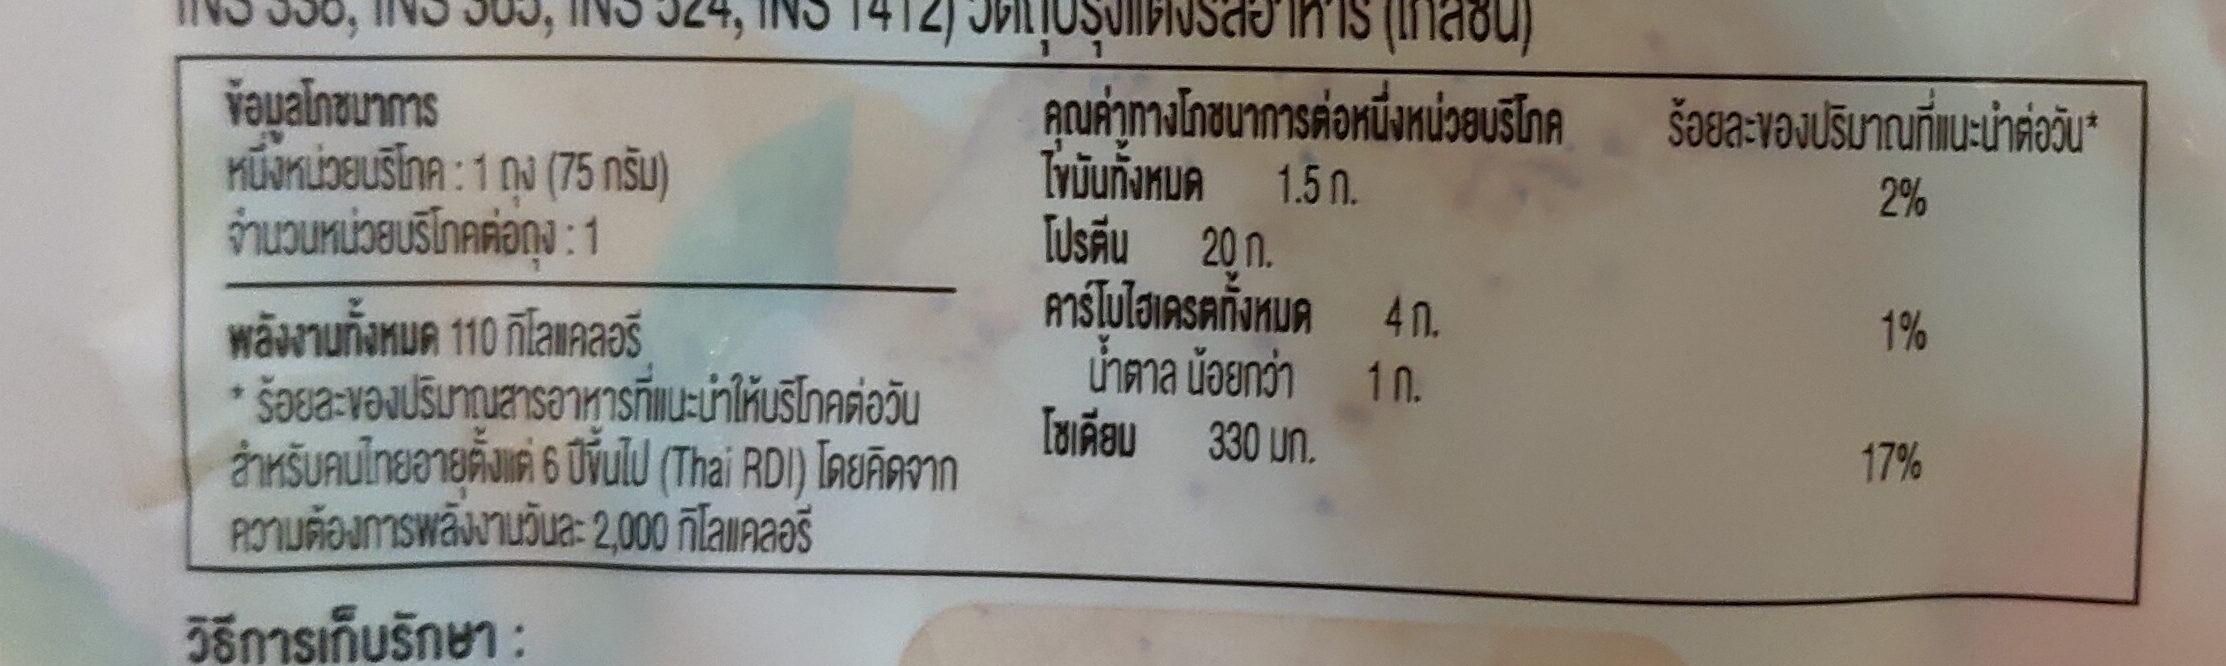 อกไก่นุ่มรสกระเทียมพริกไทย - Nutrition facts